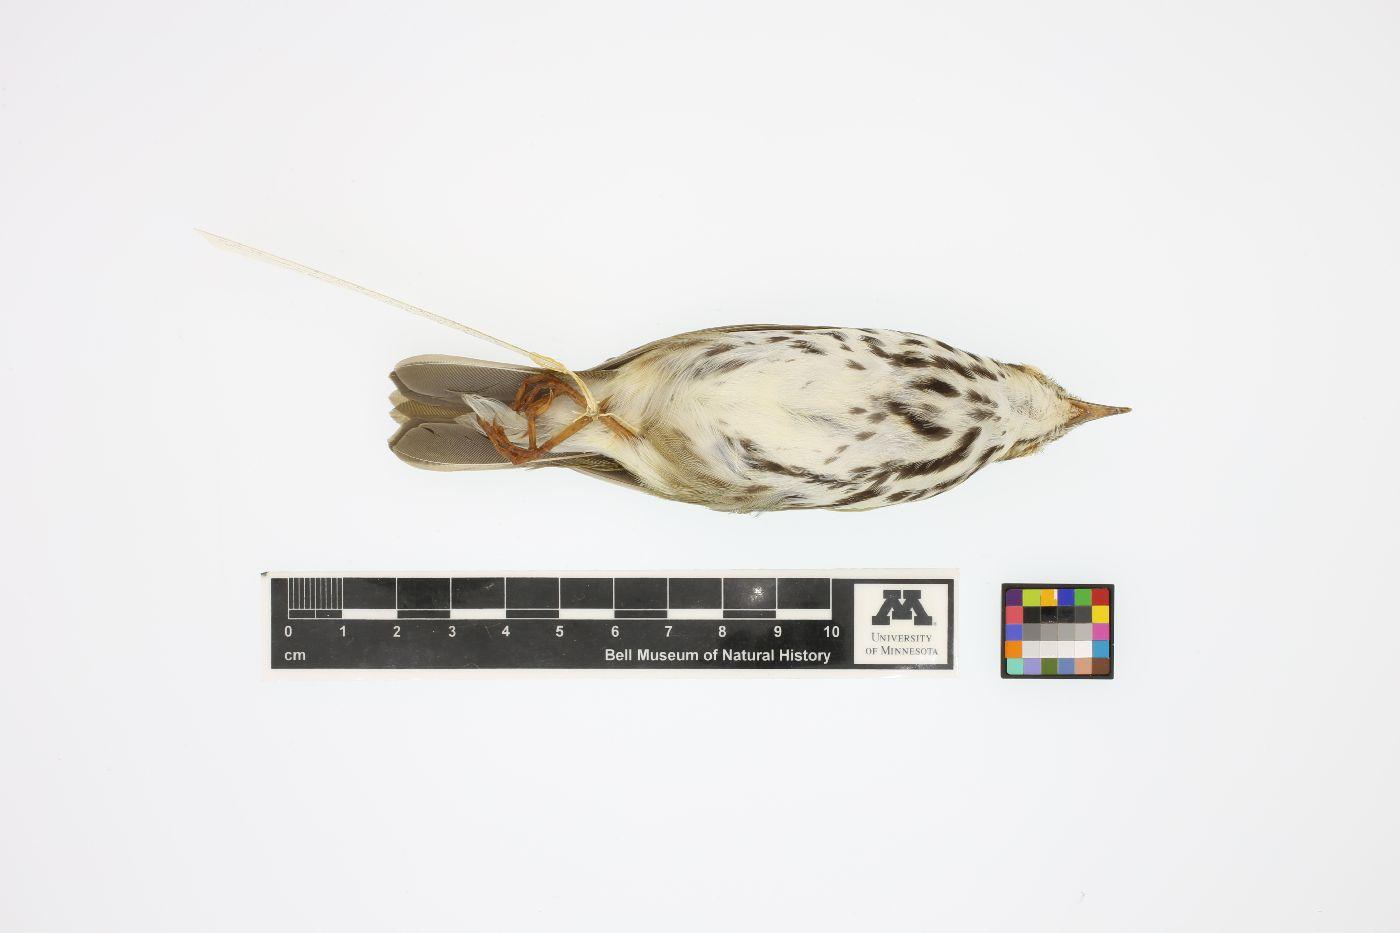 Seiurus aurocapillus image